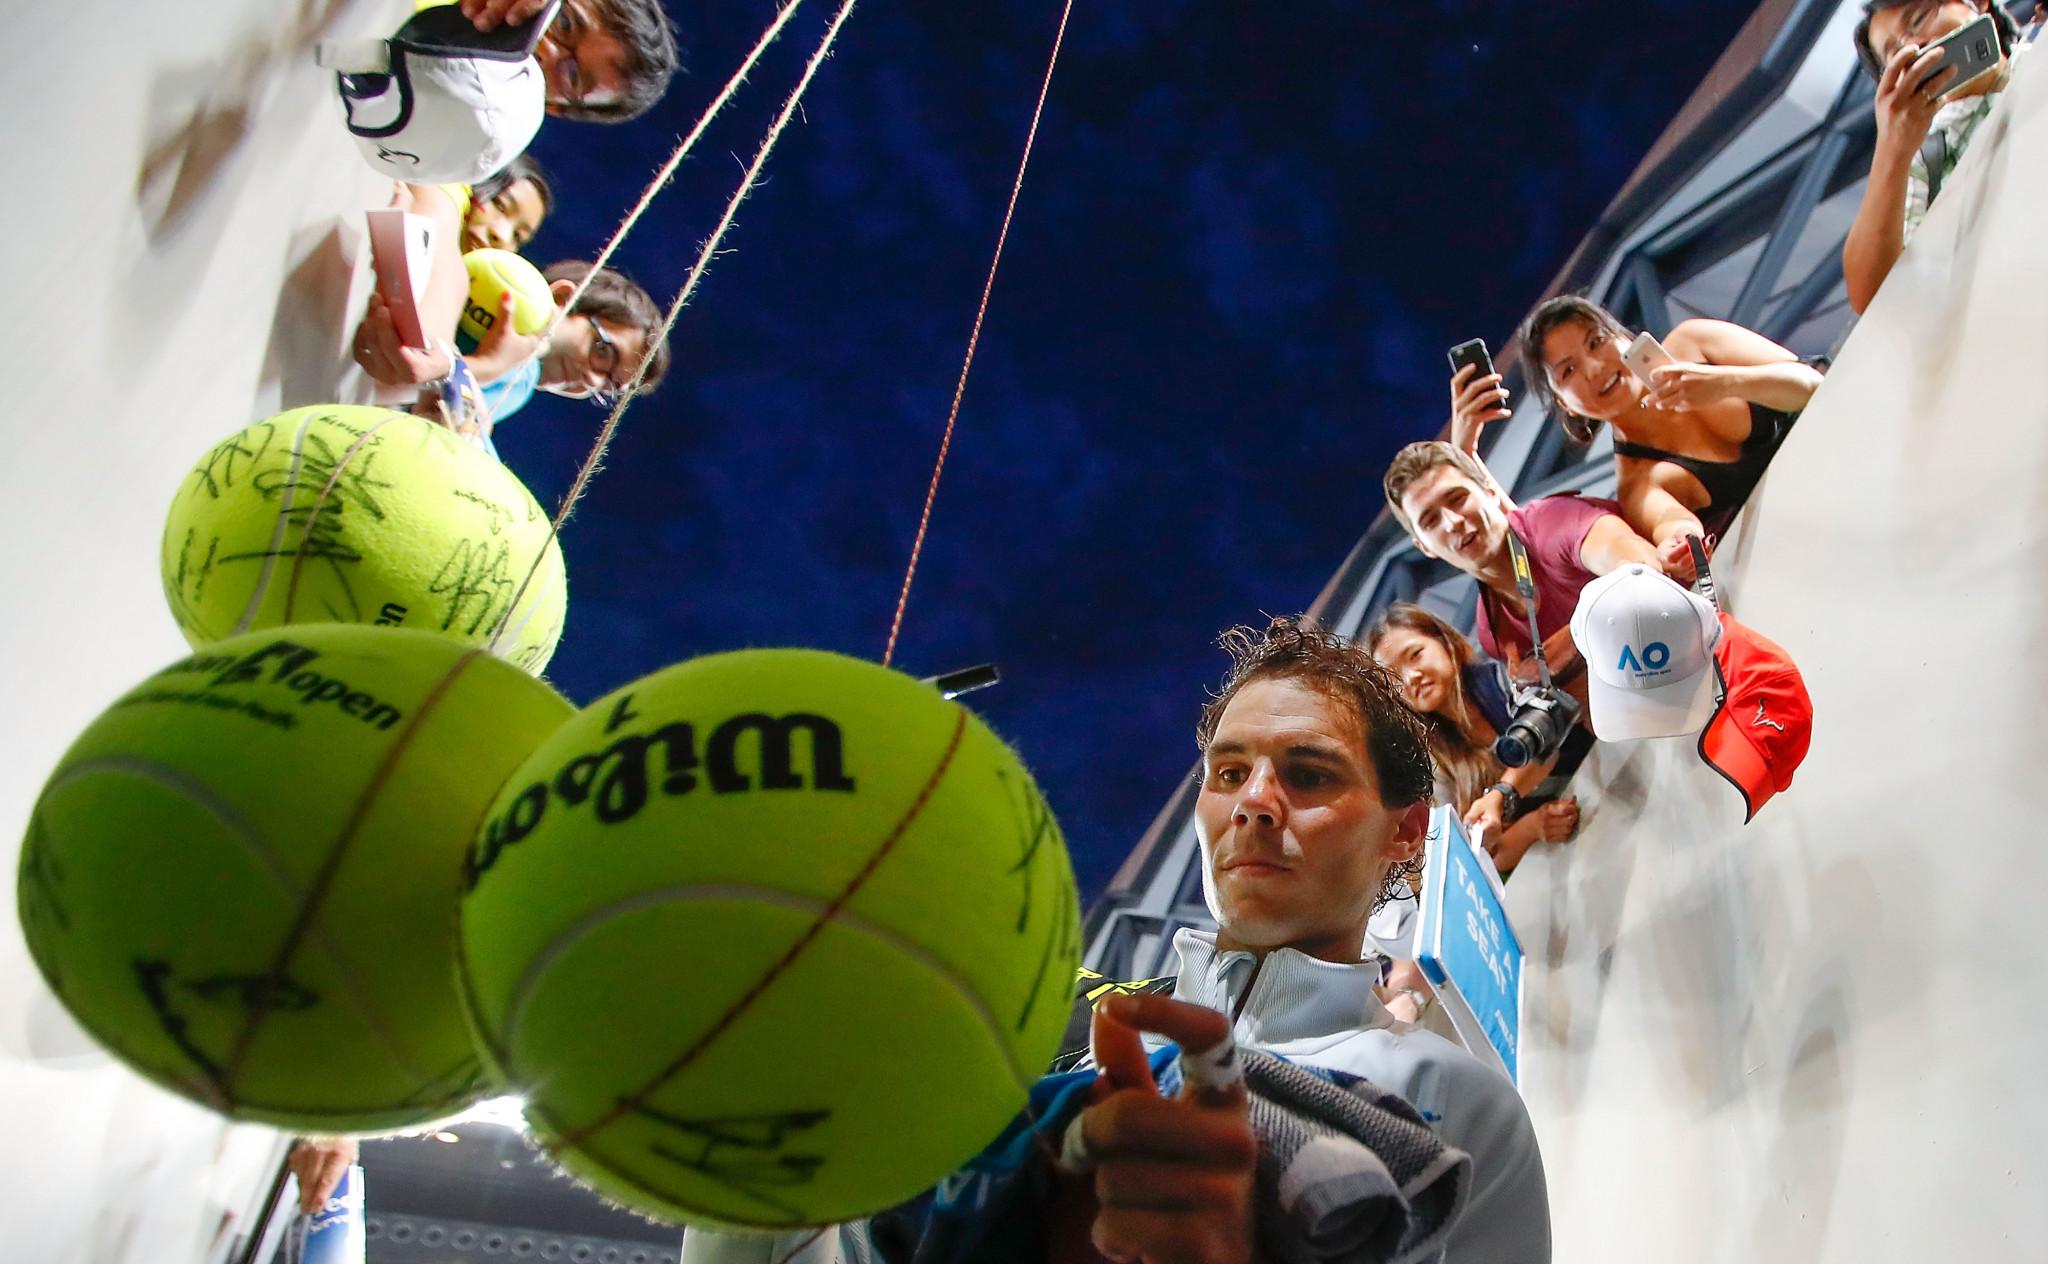 Nadal progresses in searing heat at Australian Open